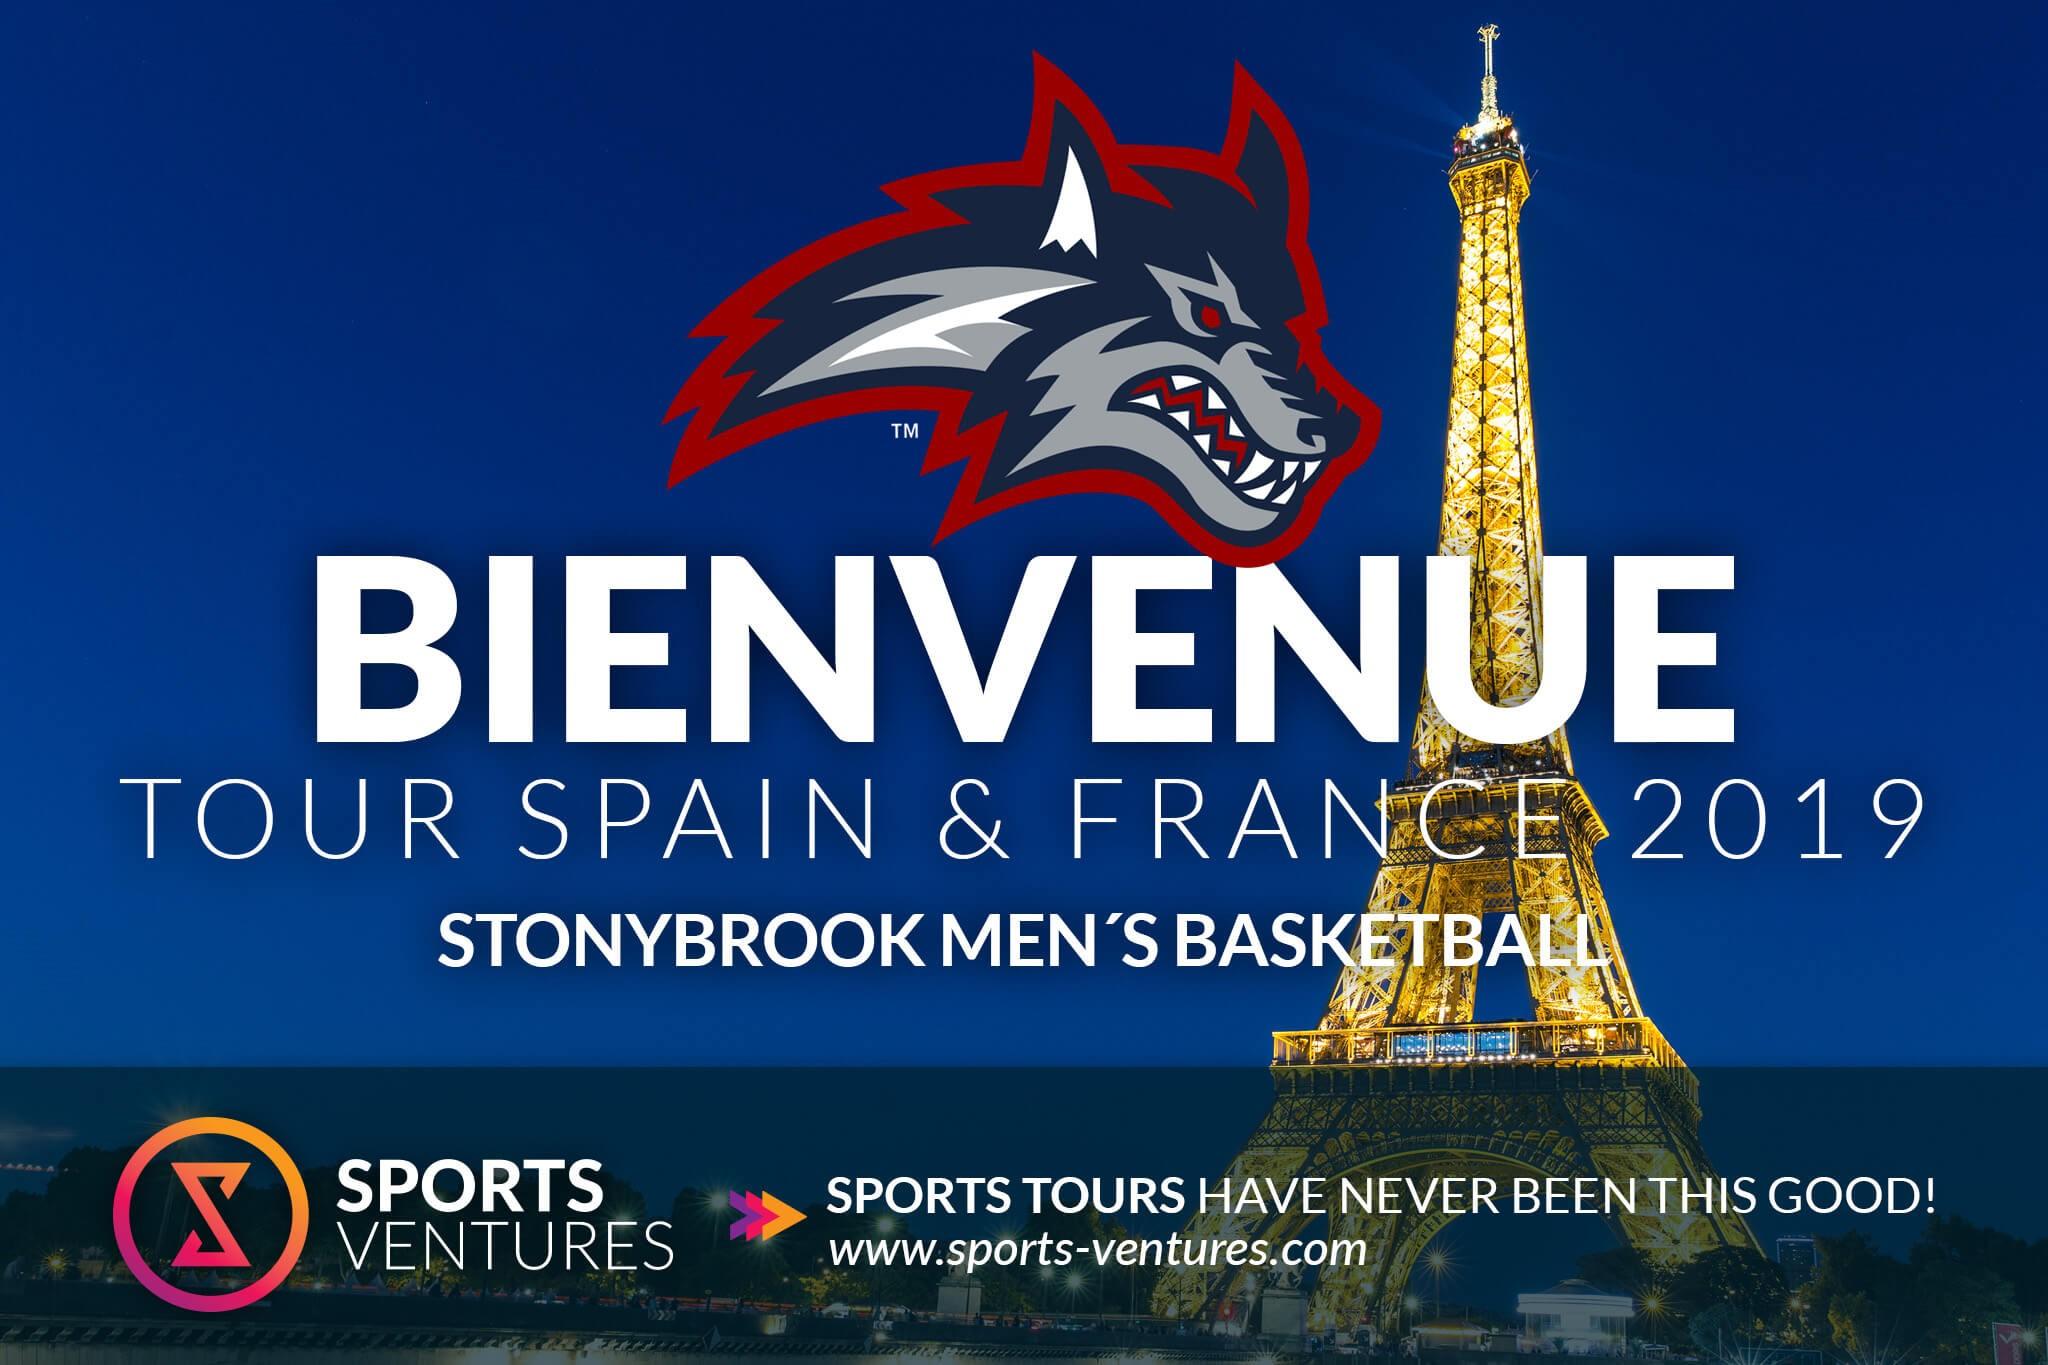 Stonybrook University Basketball Tour of Europe